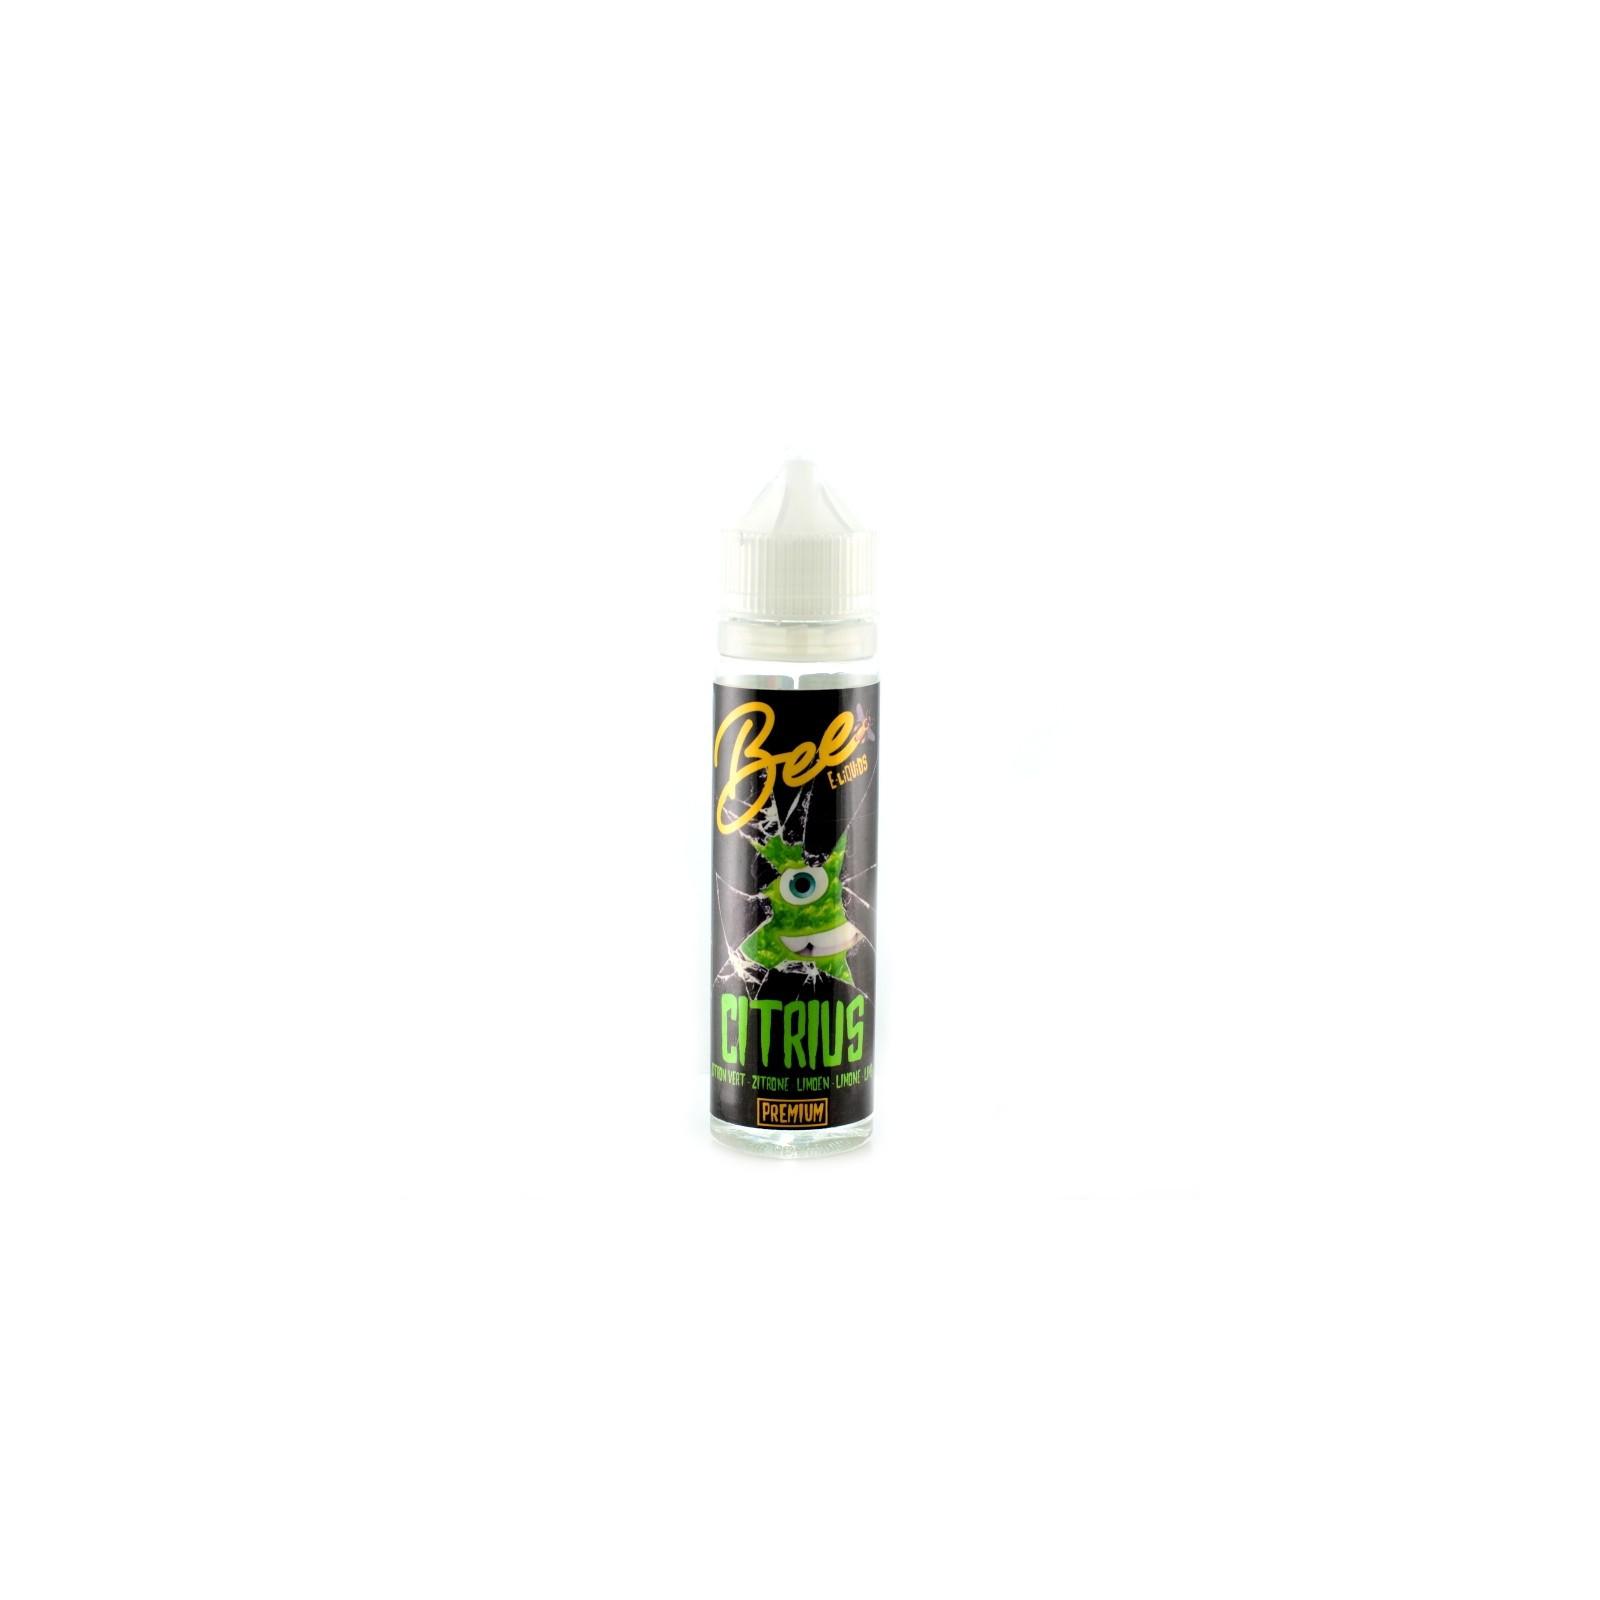 Citrius - Bee E-liquids 50 ml